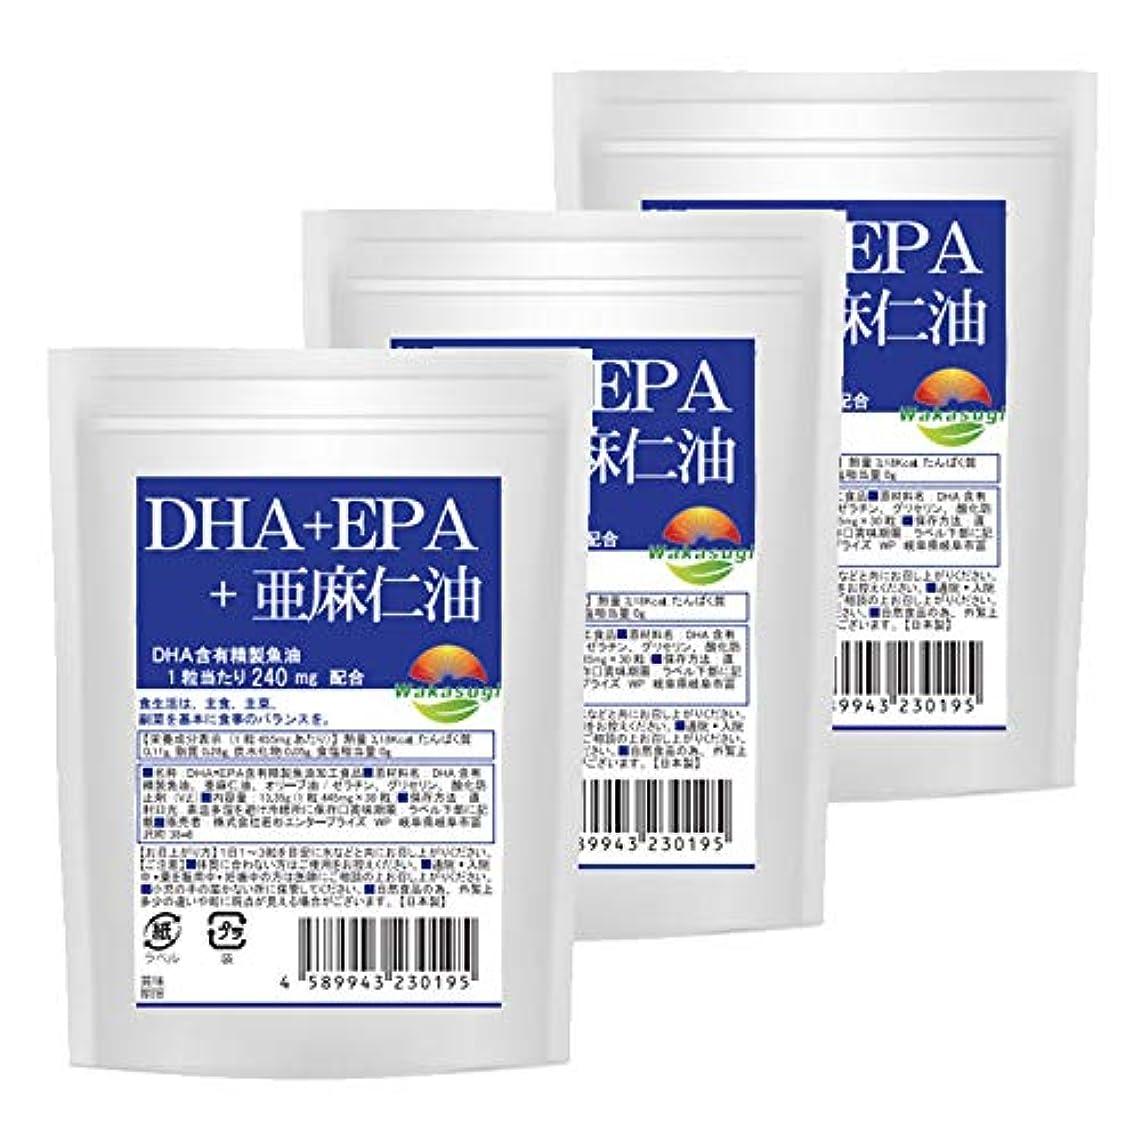 それぞれ塊メロドラマティックDHA+EPA+亜麻仁油 30粒 3袋 セット 計90粒 最大3か月分 ソフトカプセルタイプ